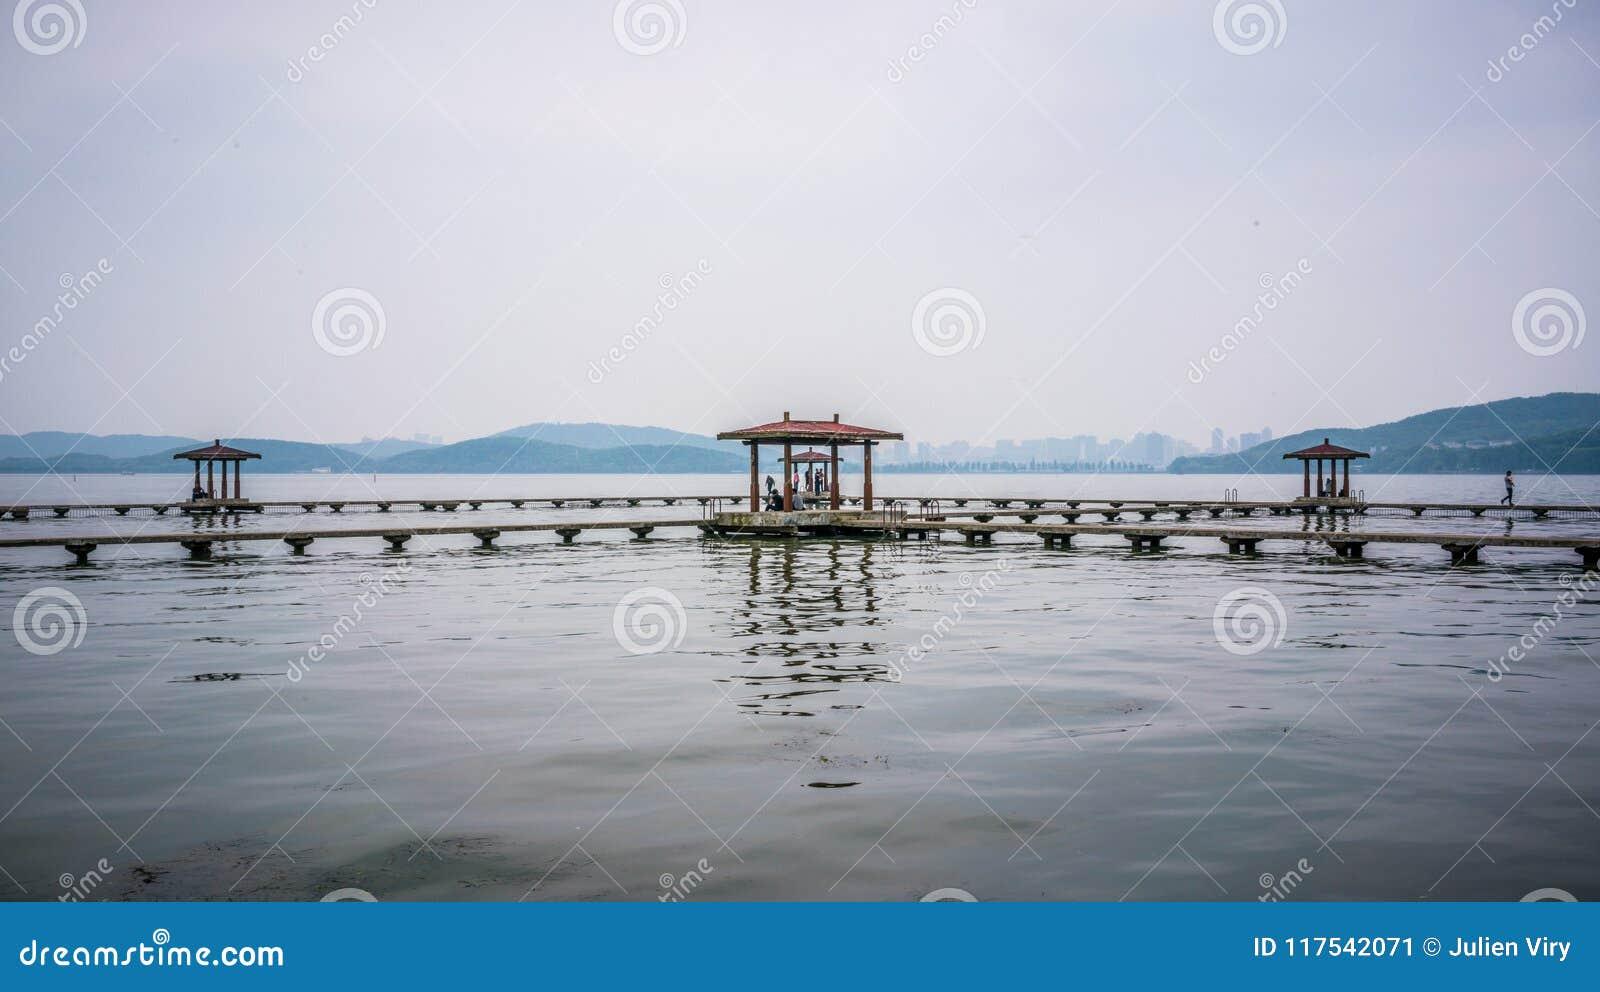 wuhan hubei china